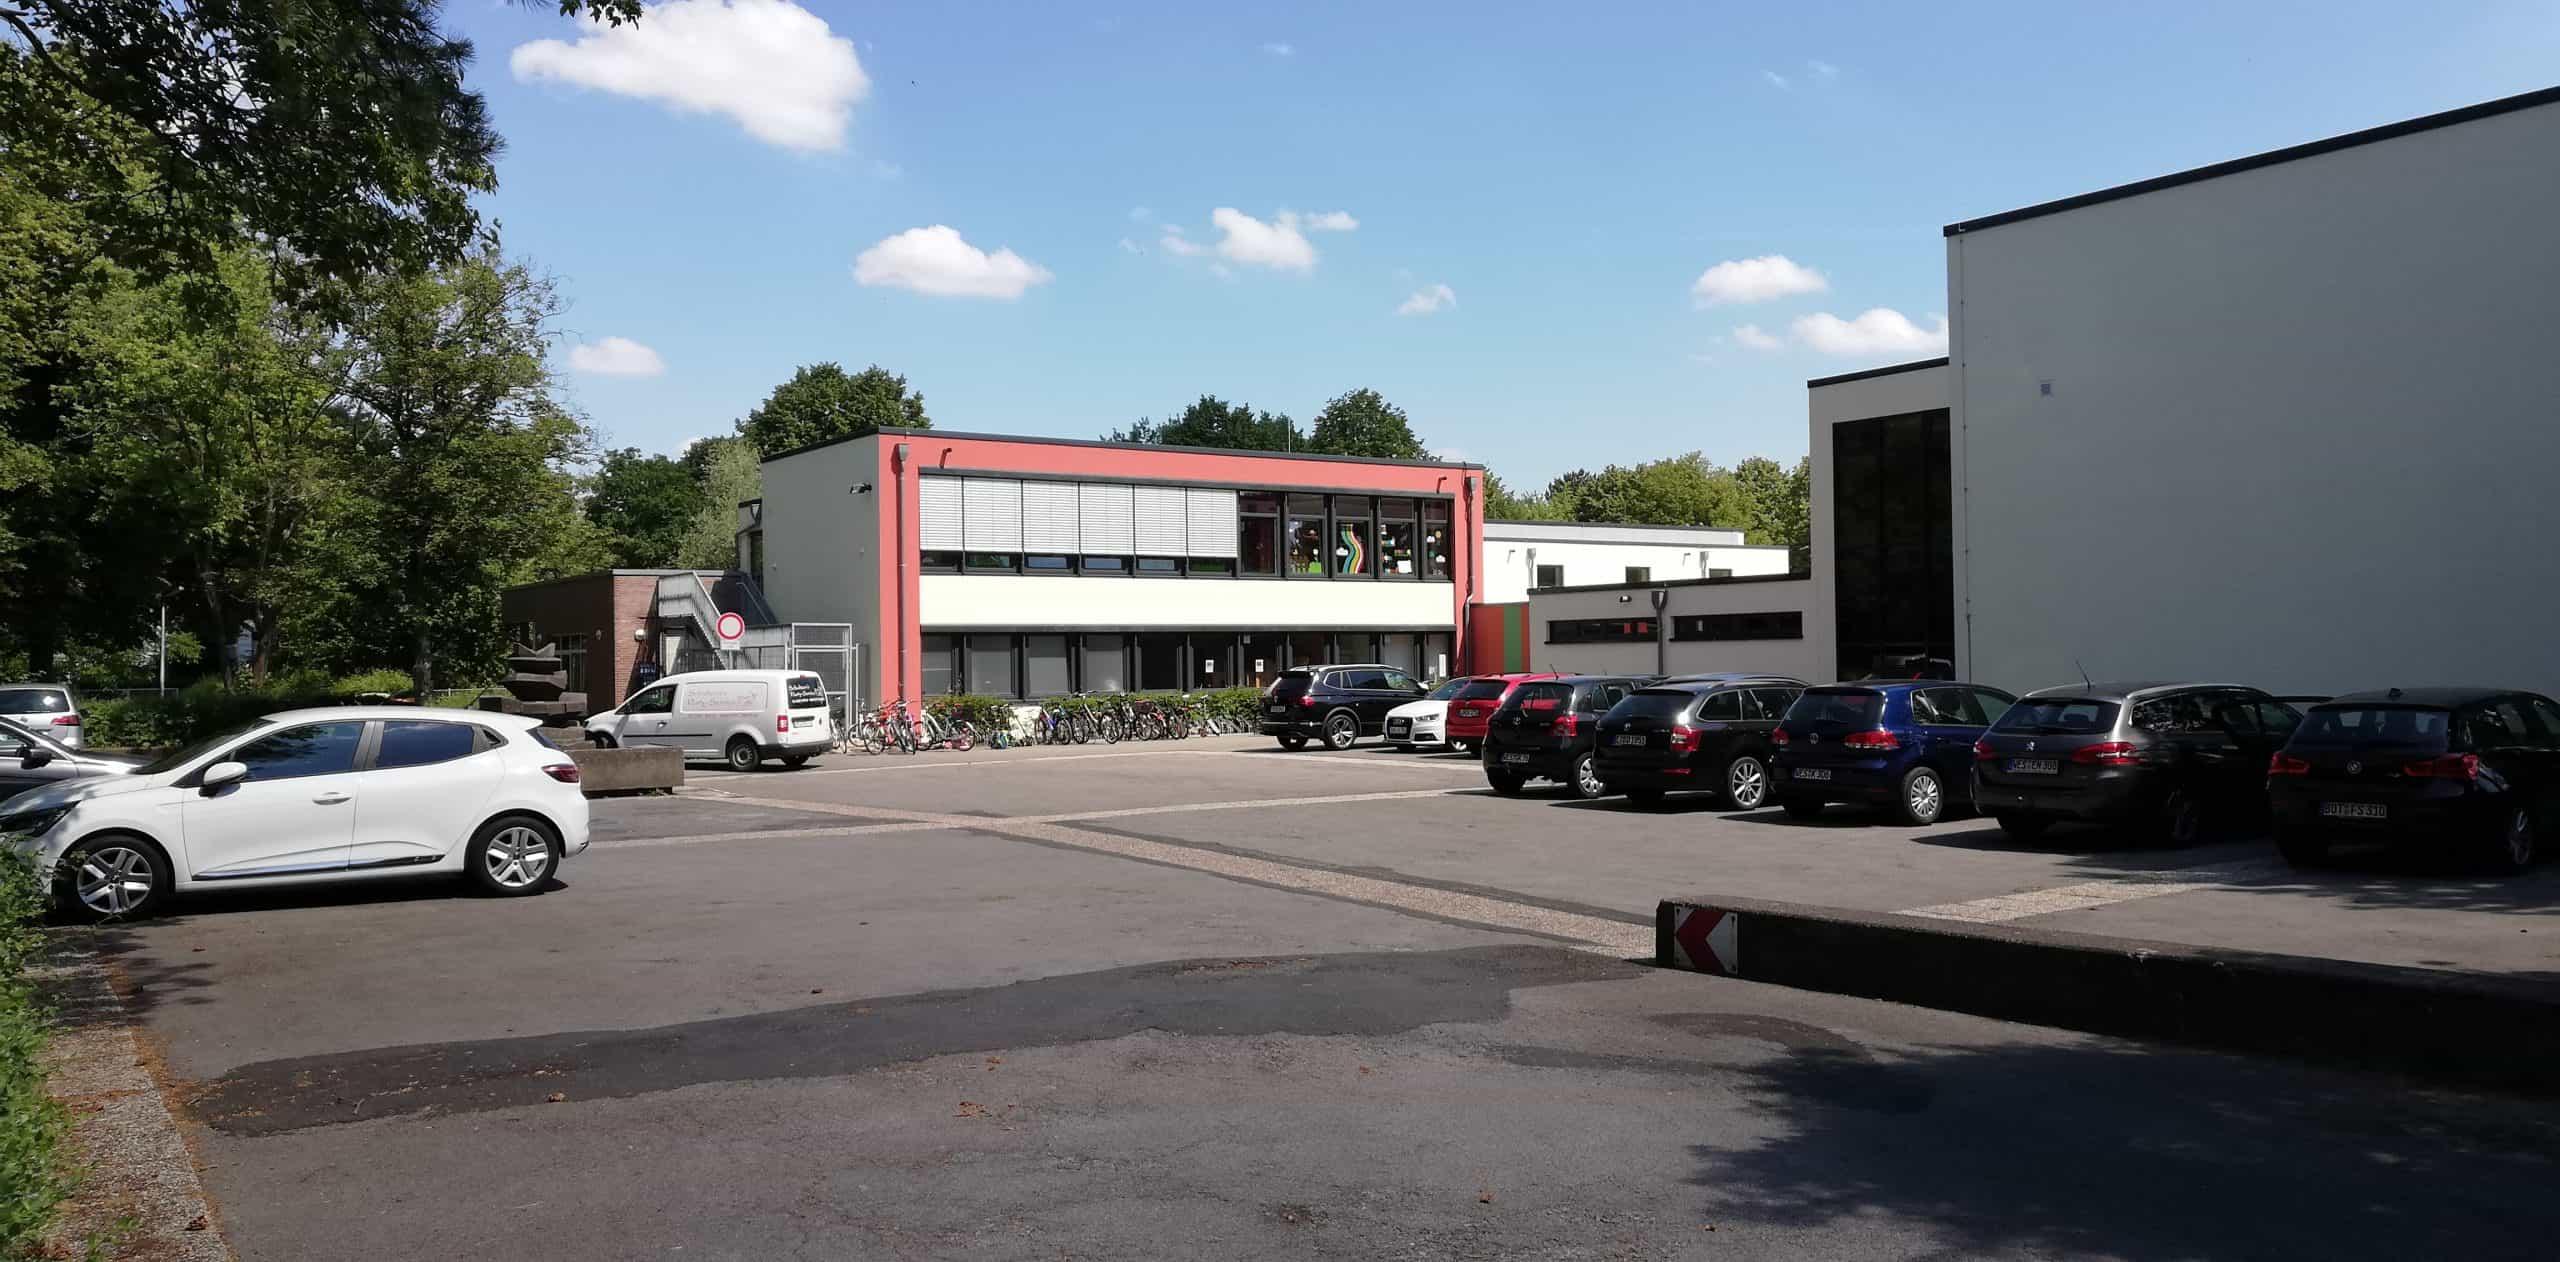 Das Bild zeigt die Grundschule Friedrichsfeld